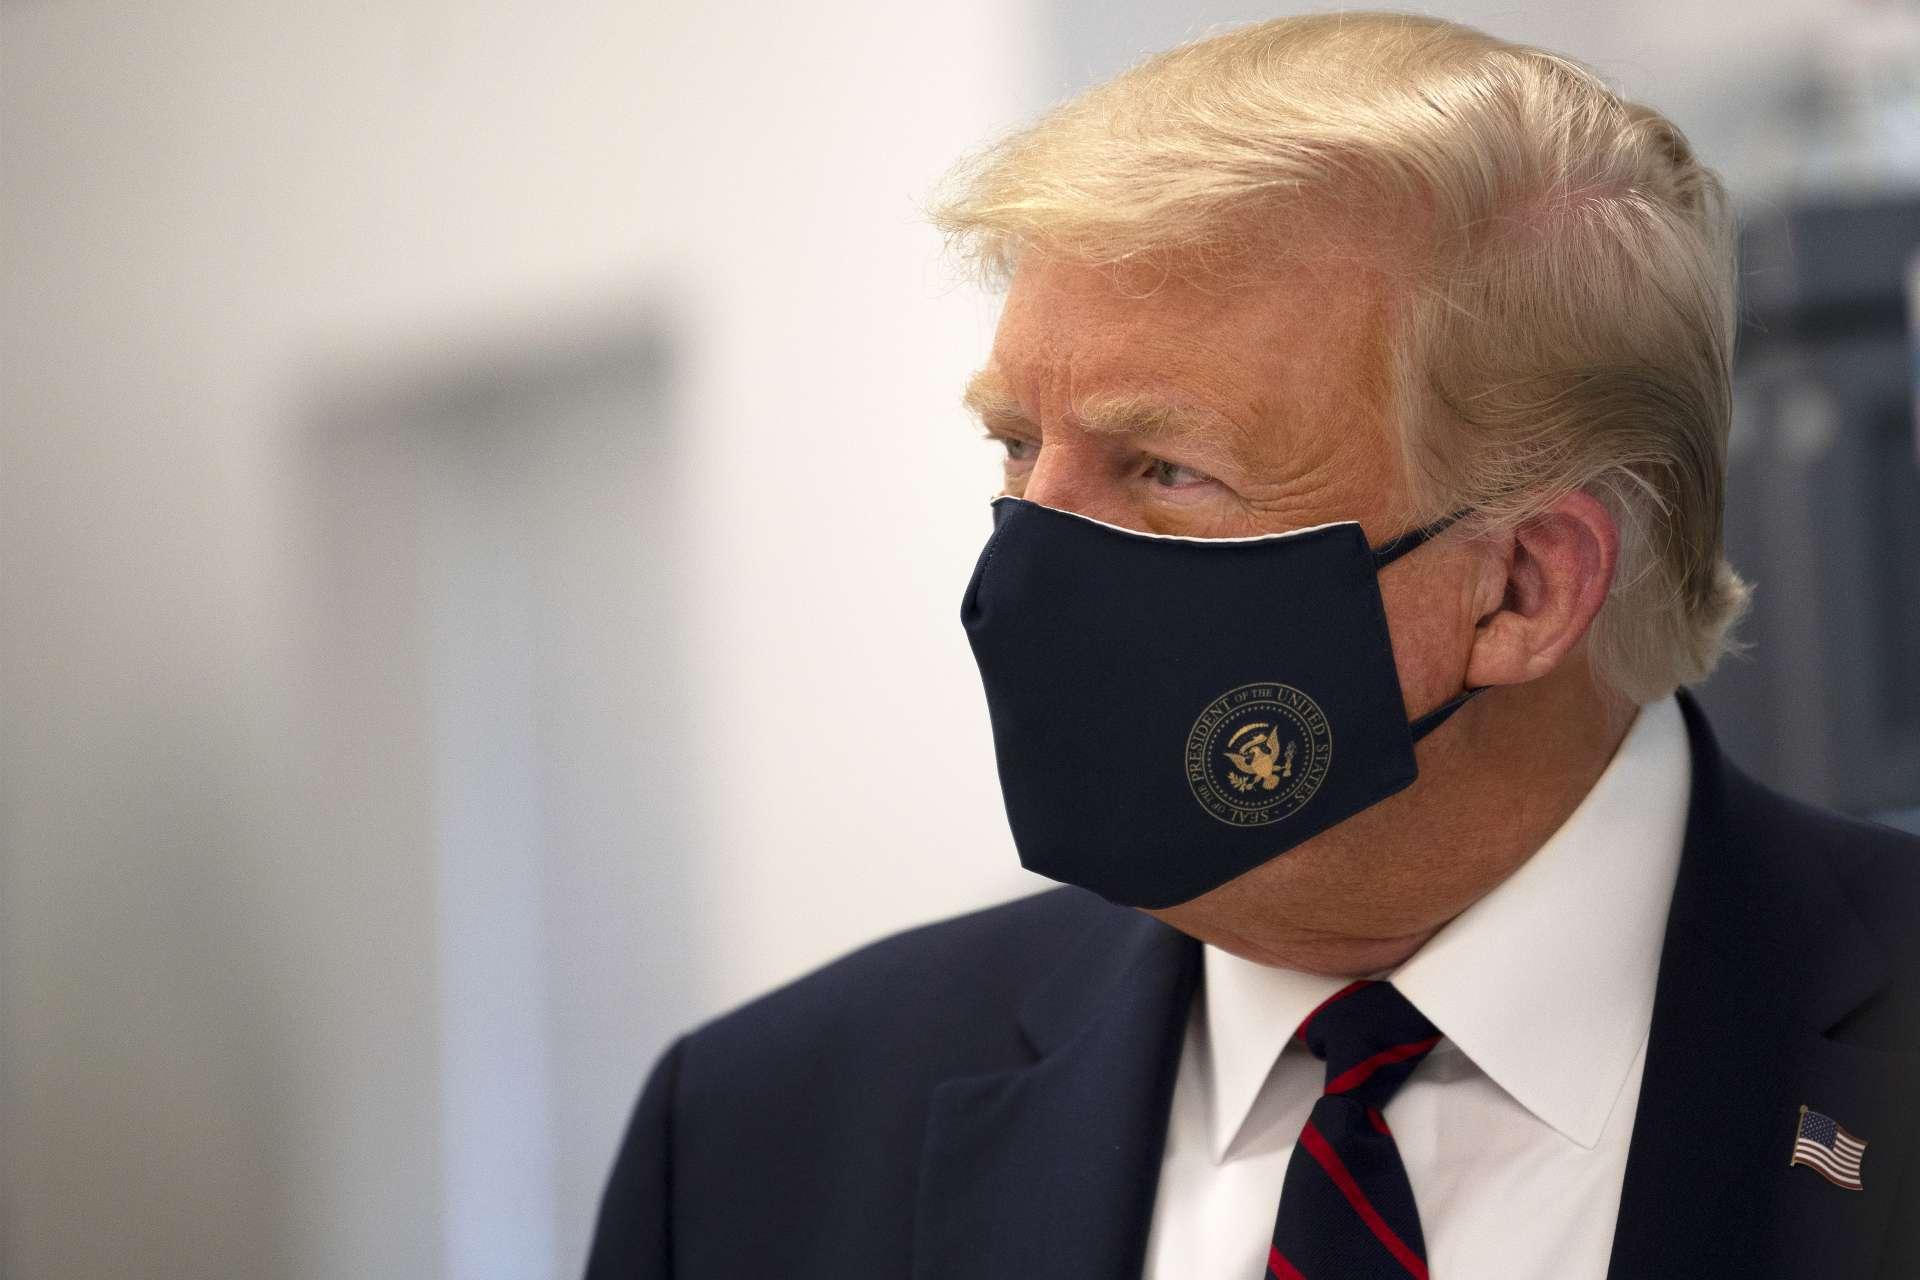 Após minimizar por meses os efeitos da pandemia do novo coronavírus, Donald Trump passou, a partir de julho, a usar máscara publicamente e dizer que fazer uso dela é um ato patriótico